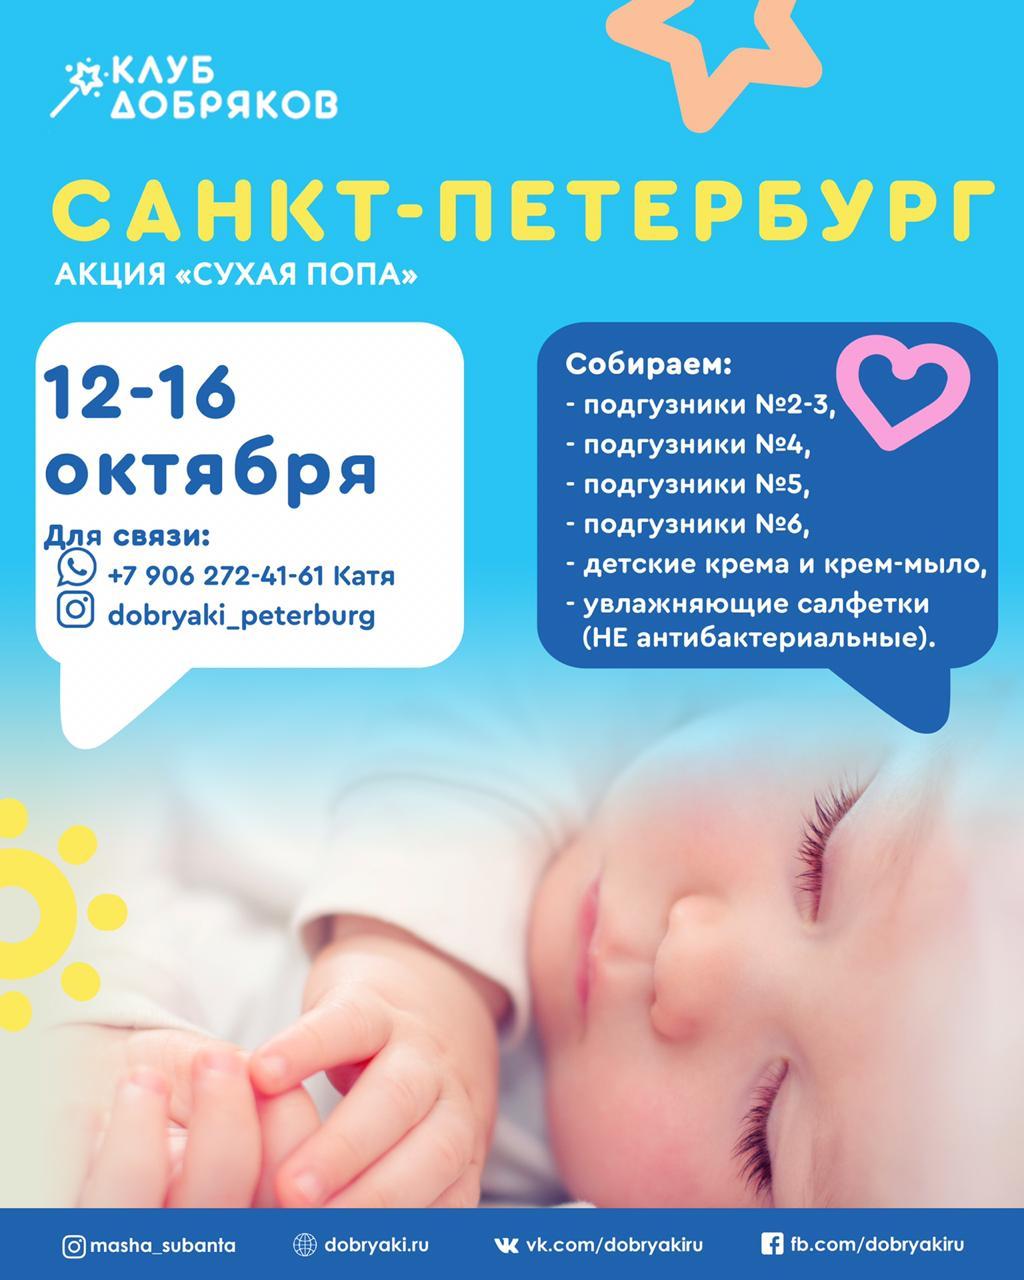 """В Санкт-Петербурге пройдет акция """"Сухая попа"""""""